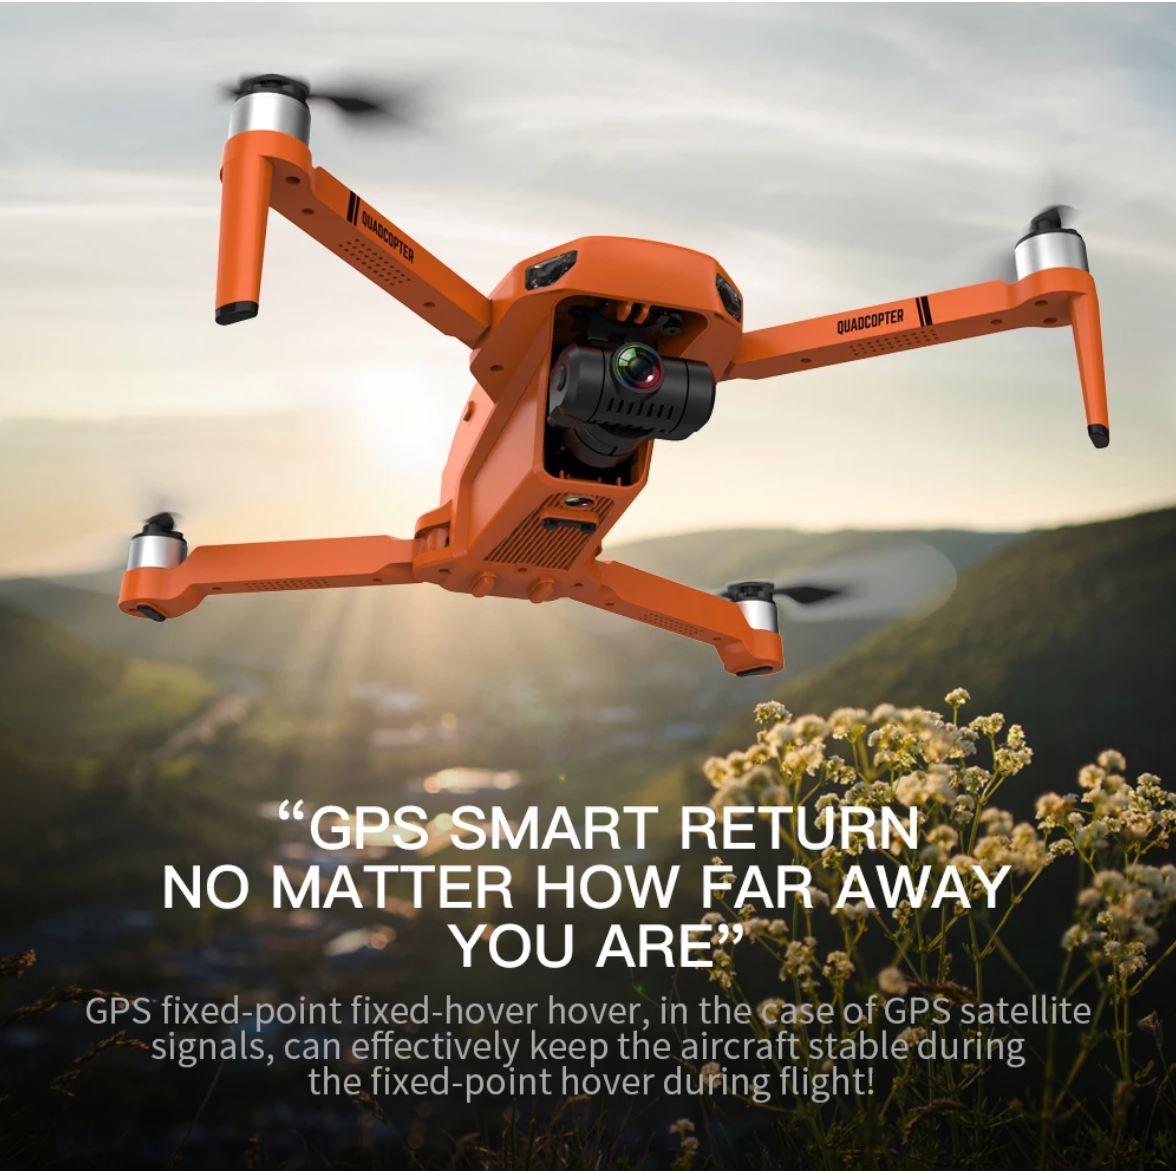 Drony z AliExpress - XKJ KF102 - dron z GPS